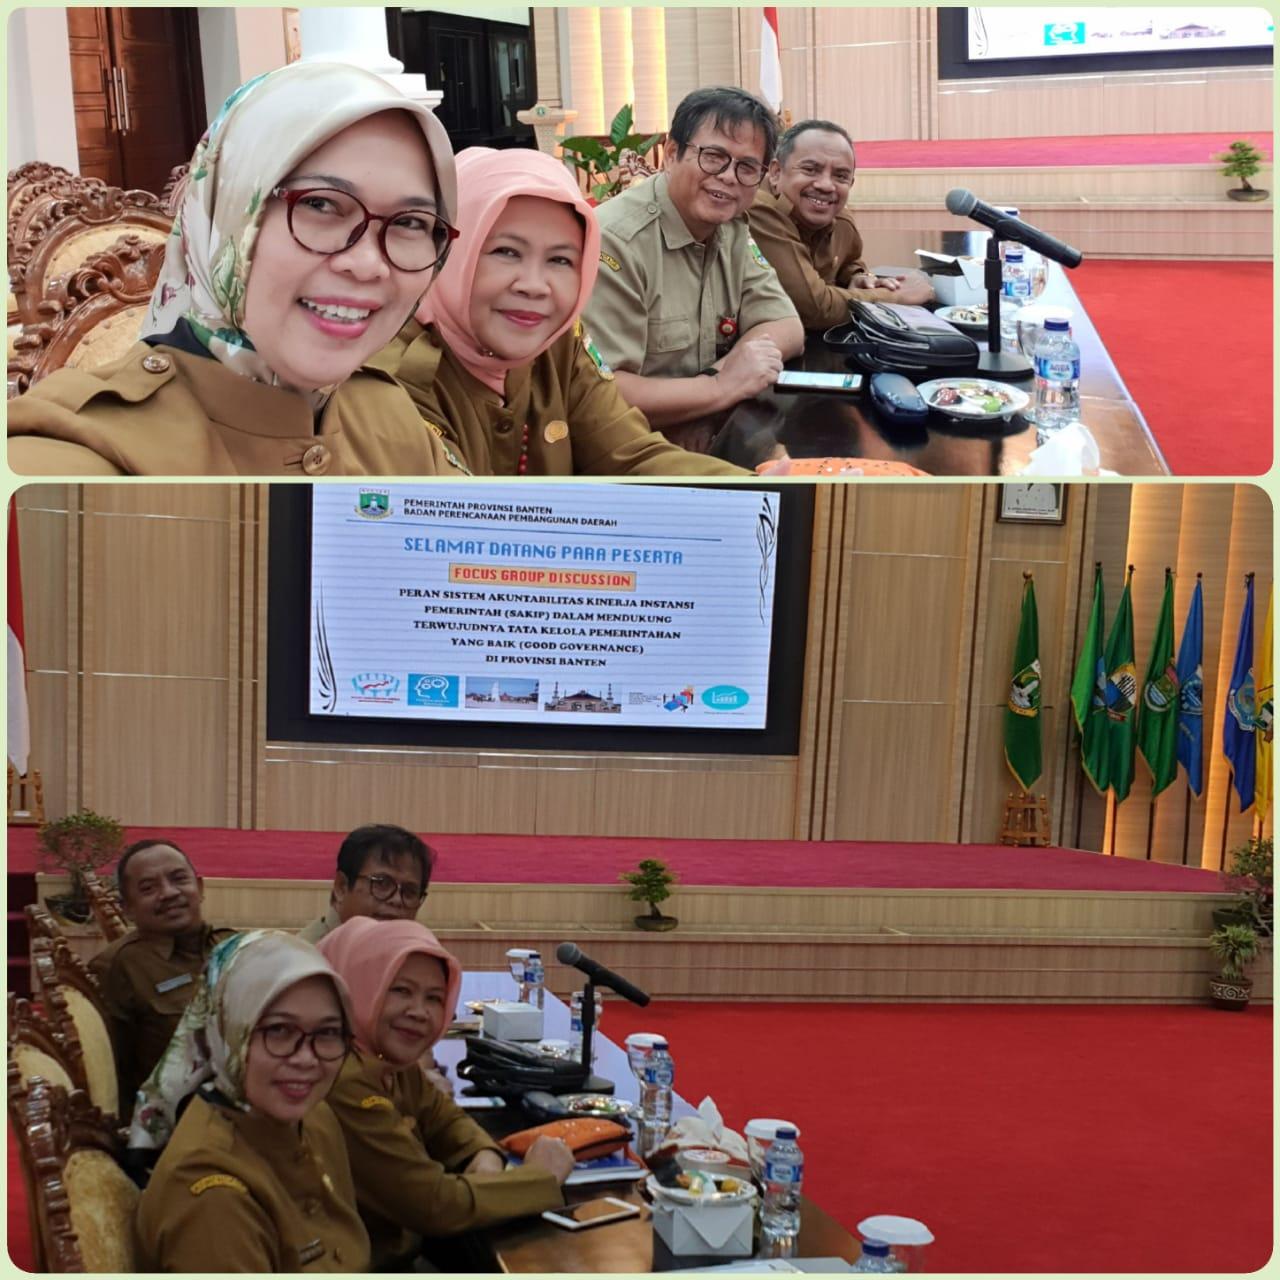 FGD peran sistem Akuntabilitas Kinerja Instansi Pemerintah (SAKIP) dalam mendukung terwujudnya Tata Kelola Pemerintahan yang baik (Good Governance) di Provinsi Banten